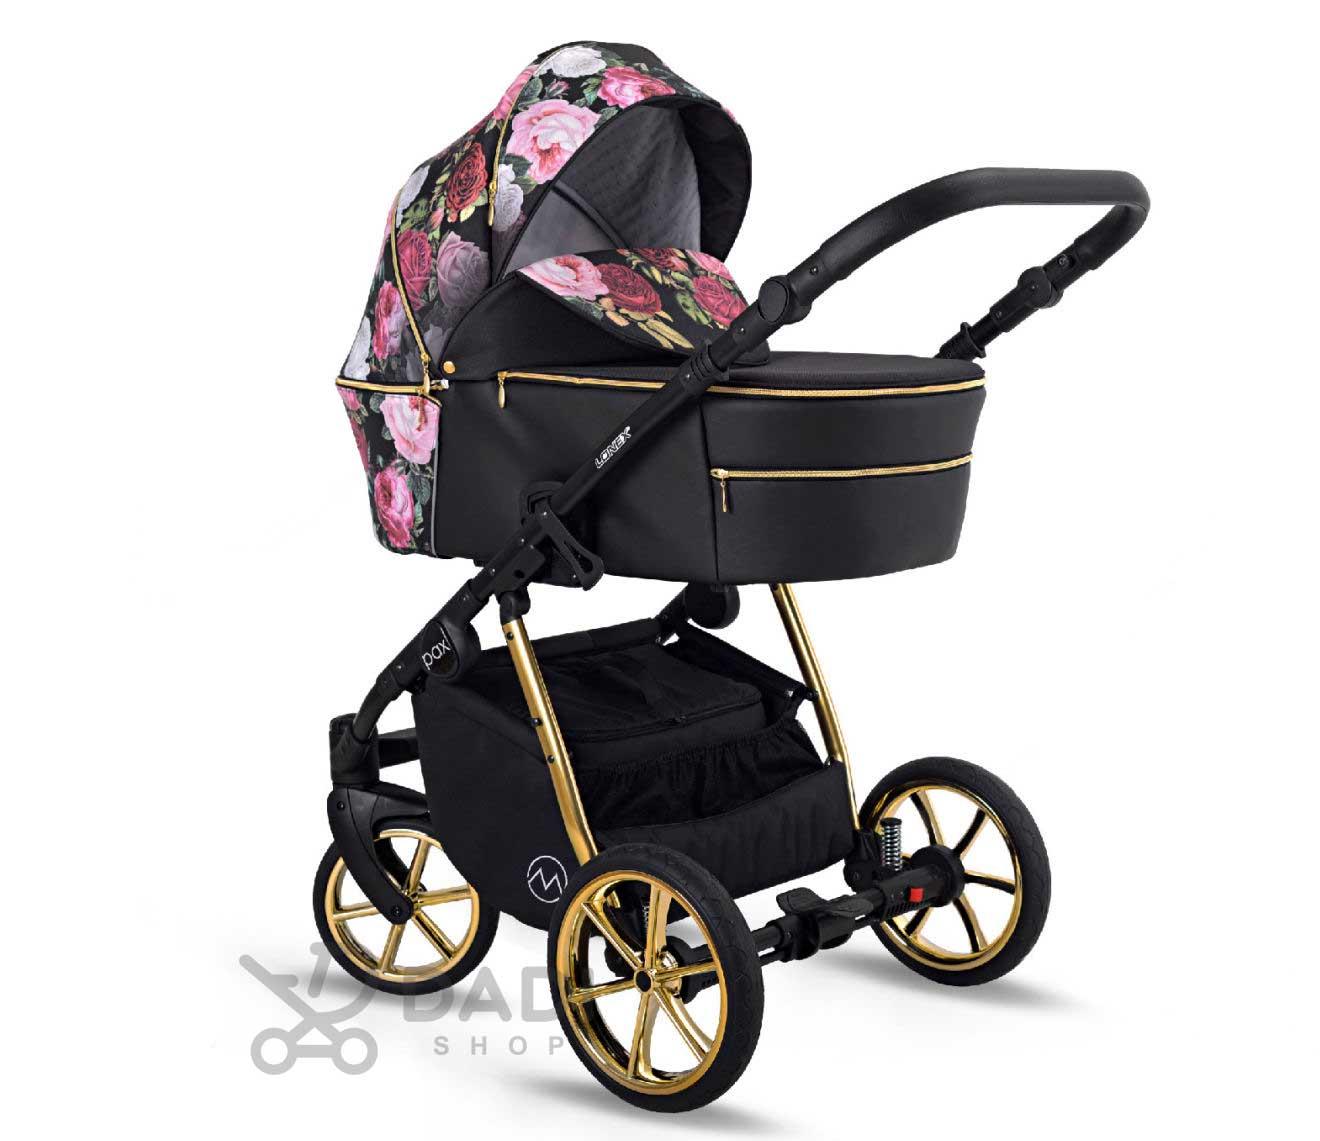 dzieciecy Pax Rose wózek Lonex nowość 2020 Dadi Shop